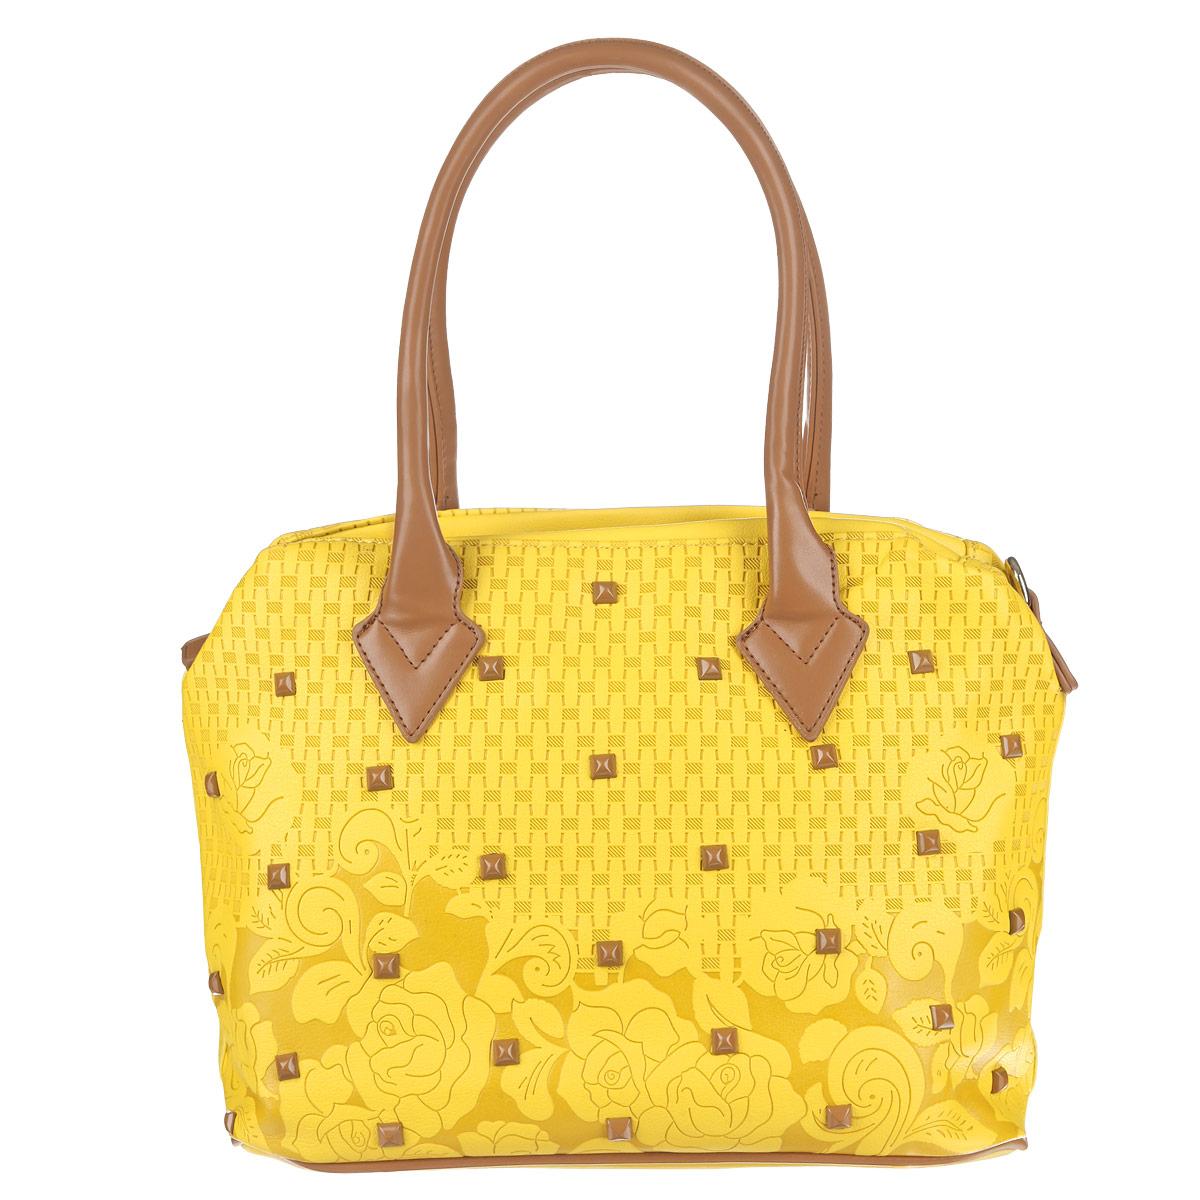 Сумка женская Orsa Oro, цвет: желтый, коричневый. D-801/493-47670-00504Женская сумка Orsa Oro выполнена из высококачественной искусственной кожи с тиснением, украшена пластиковыми клепками.Сумка с одним отделением, застегивающимся на молнию. Внутри один карман на молнии и два кармашка для мелочей. Сумка оснащена двумя удобными ручками и съемным ремнем, длина которого регулируется пряжкой. Ремень крепится по бокам сумки с помощью карабинов.Эффектная сумка Orsa Oro подчеркнет вашу яркую индивидуальность и сделает образ завершенным.